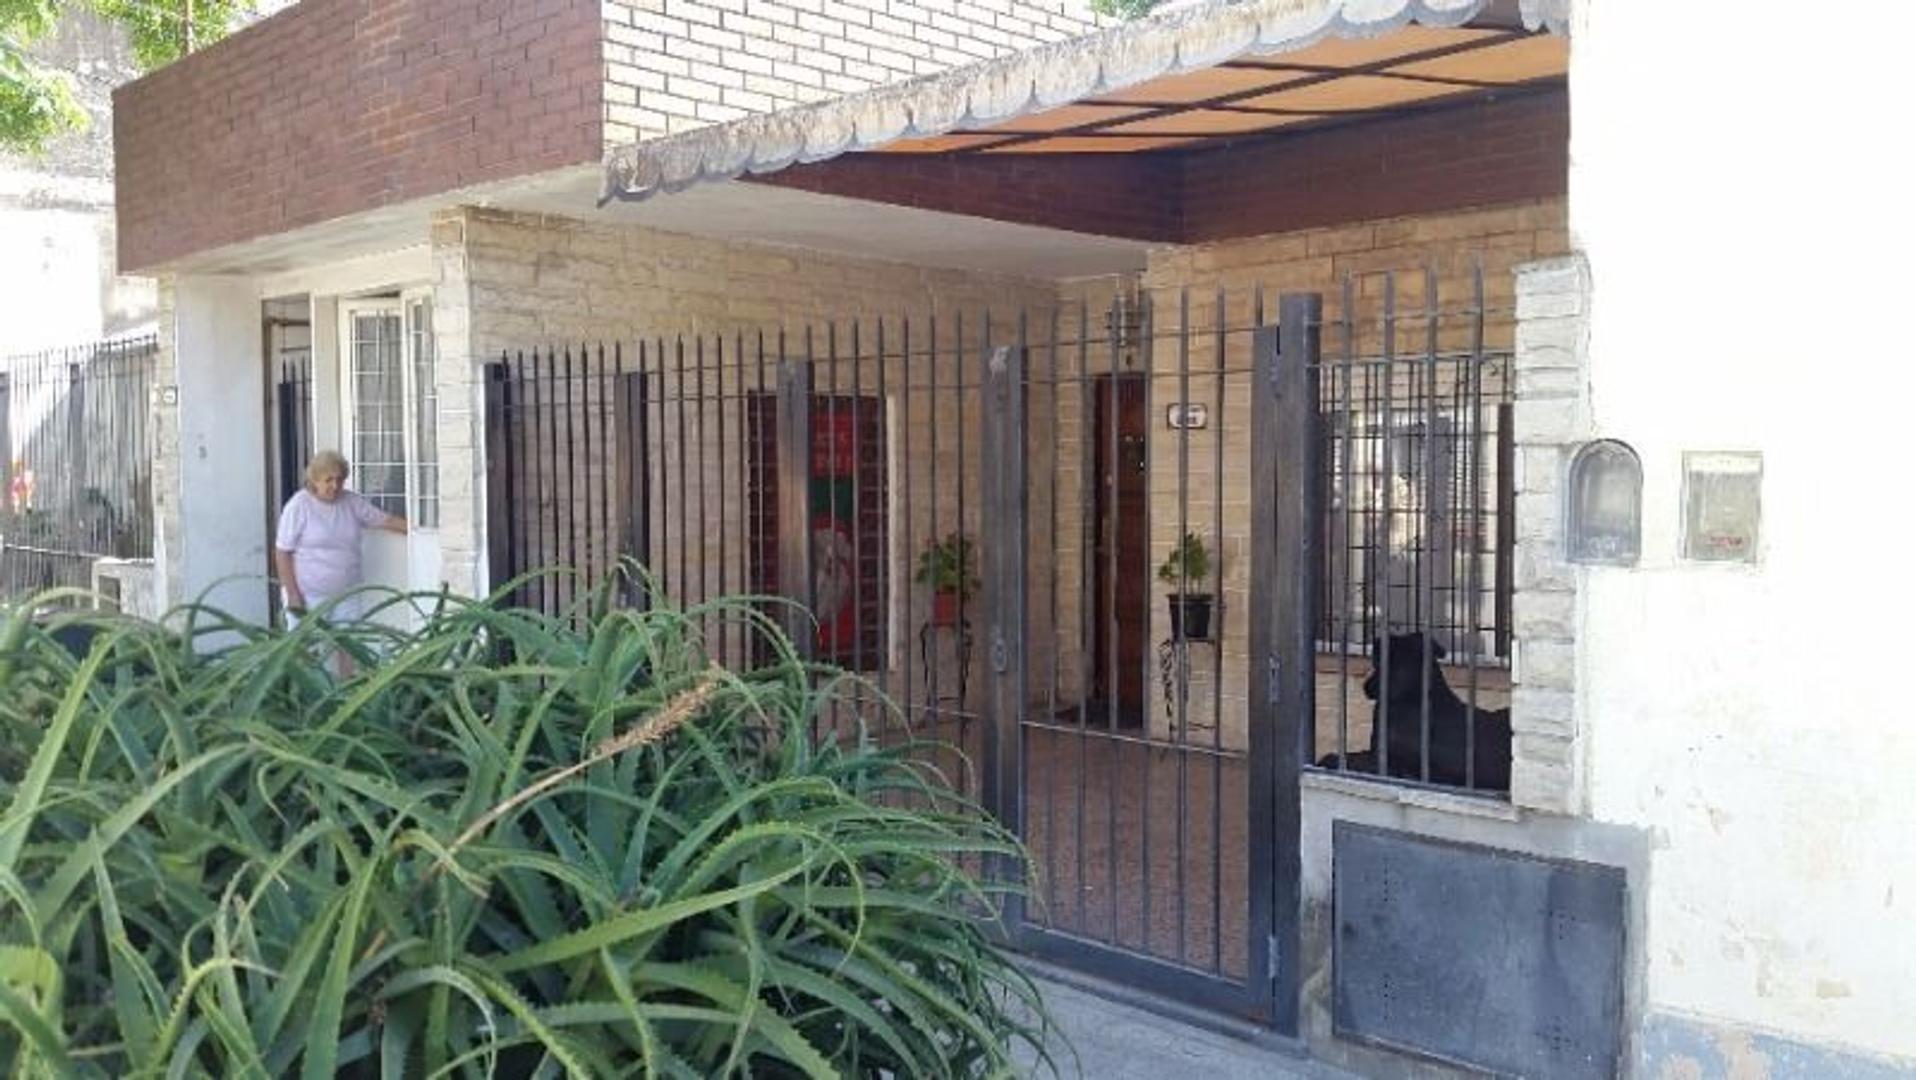 Casa multifamiliar, al frente 3 ambientes amplios con garaje y atrás 3 ambientes en dos plantas